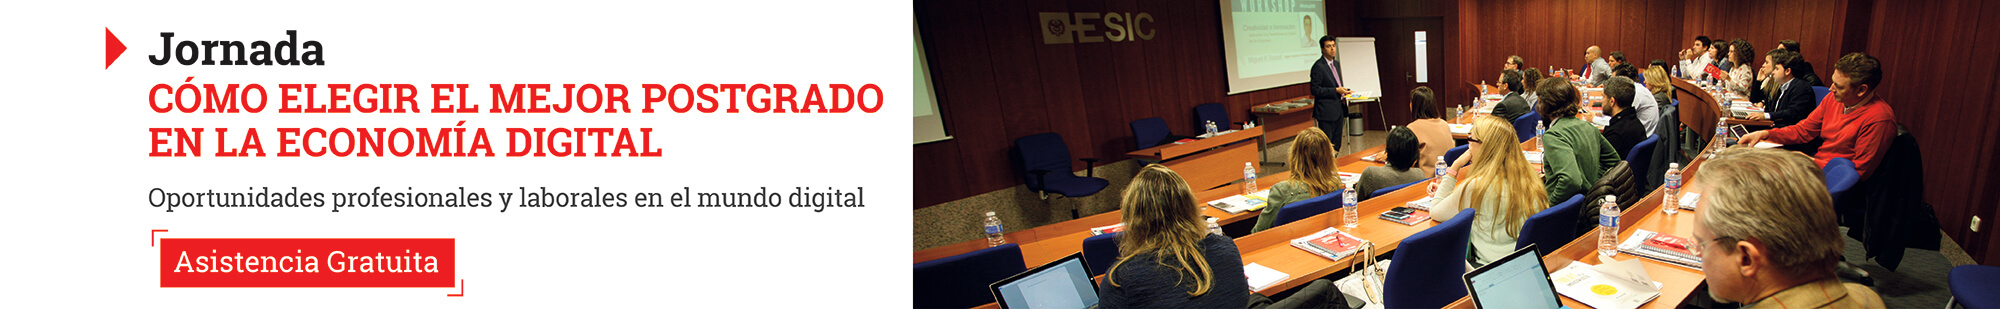 Slider_jornada_sesion_informativa_2017